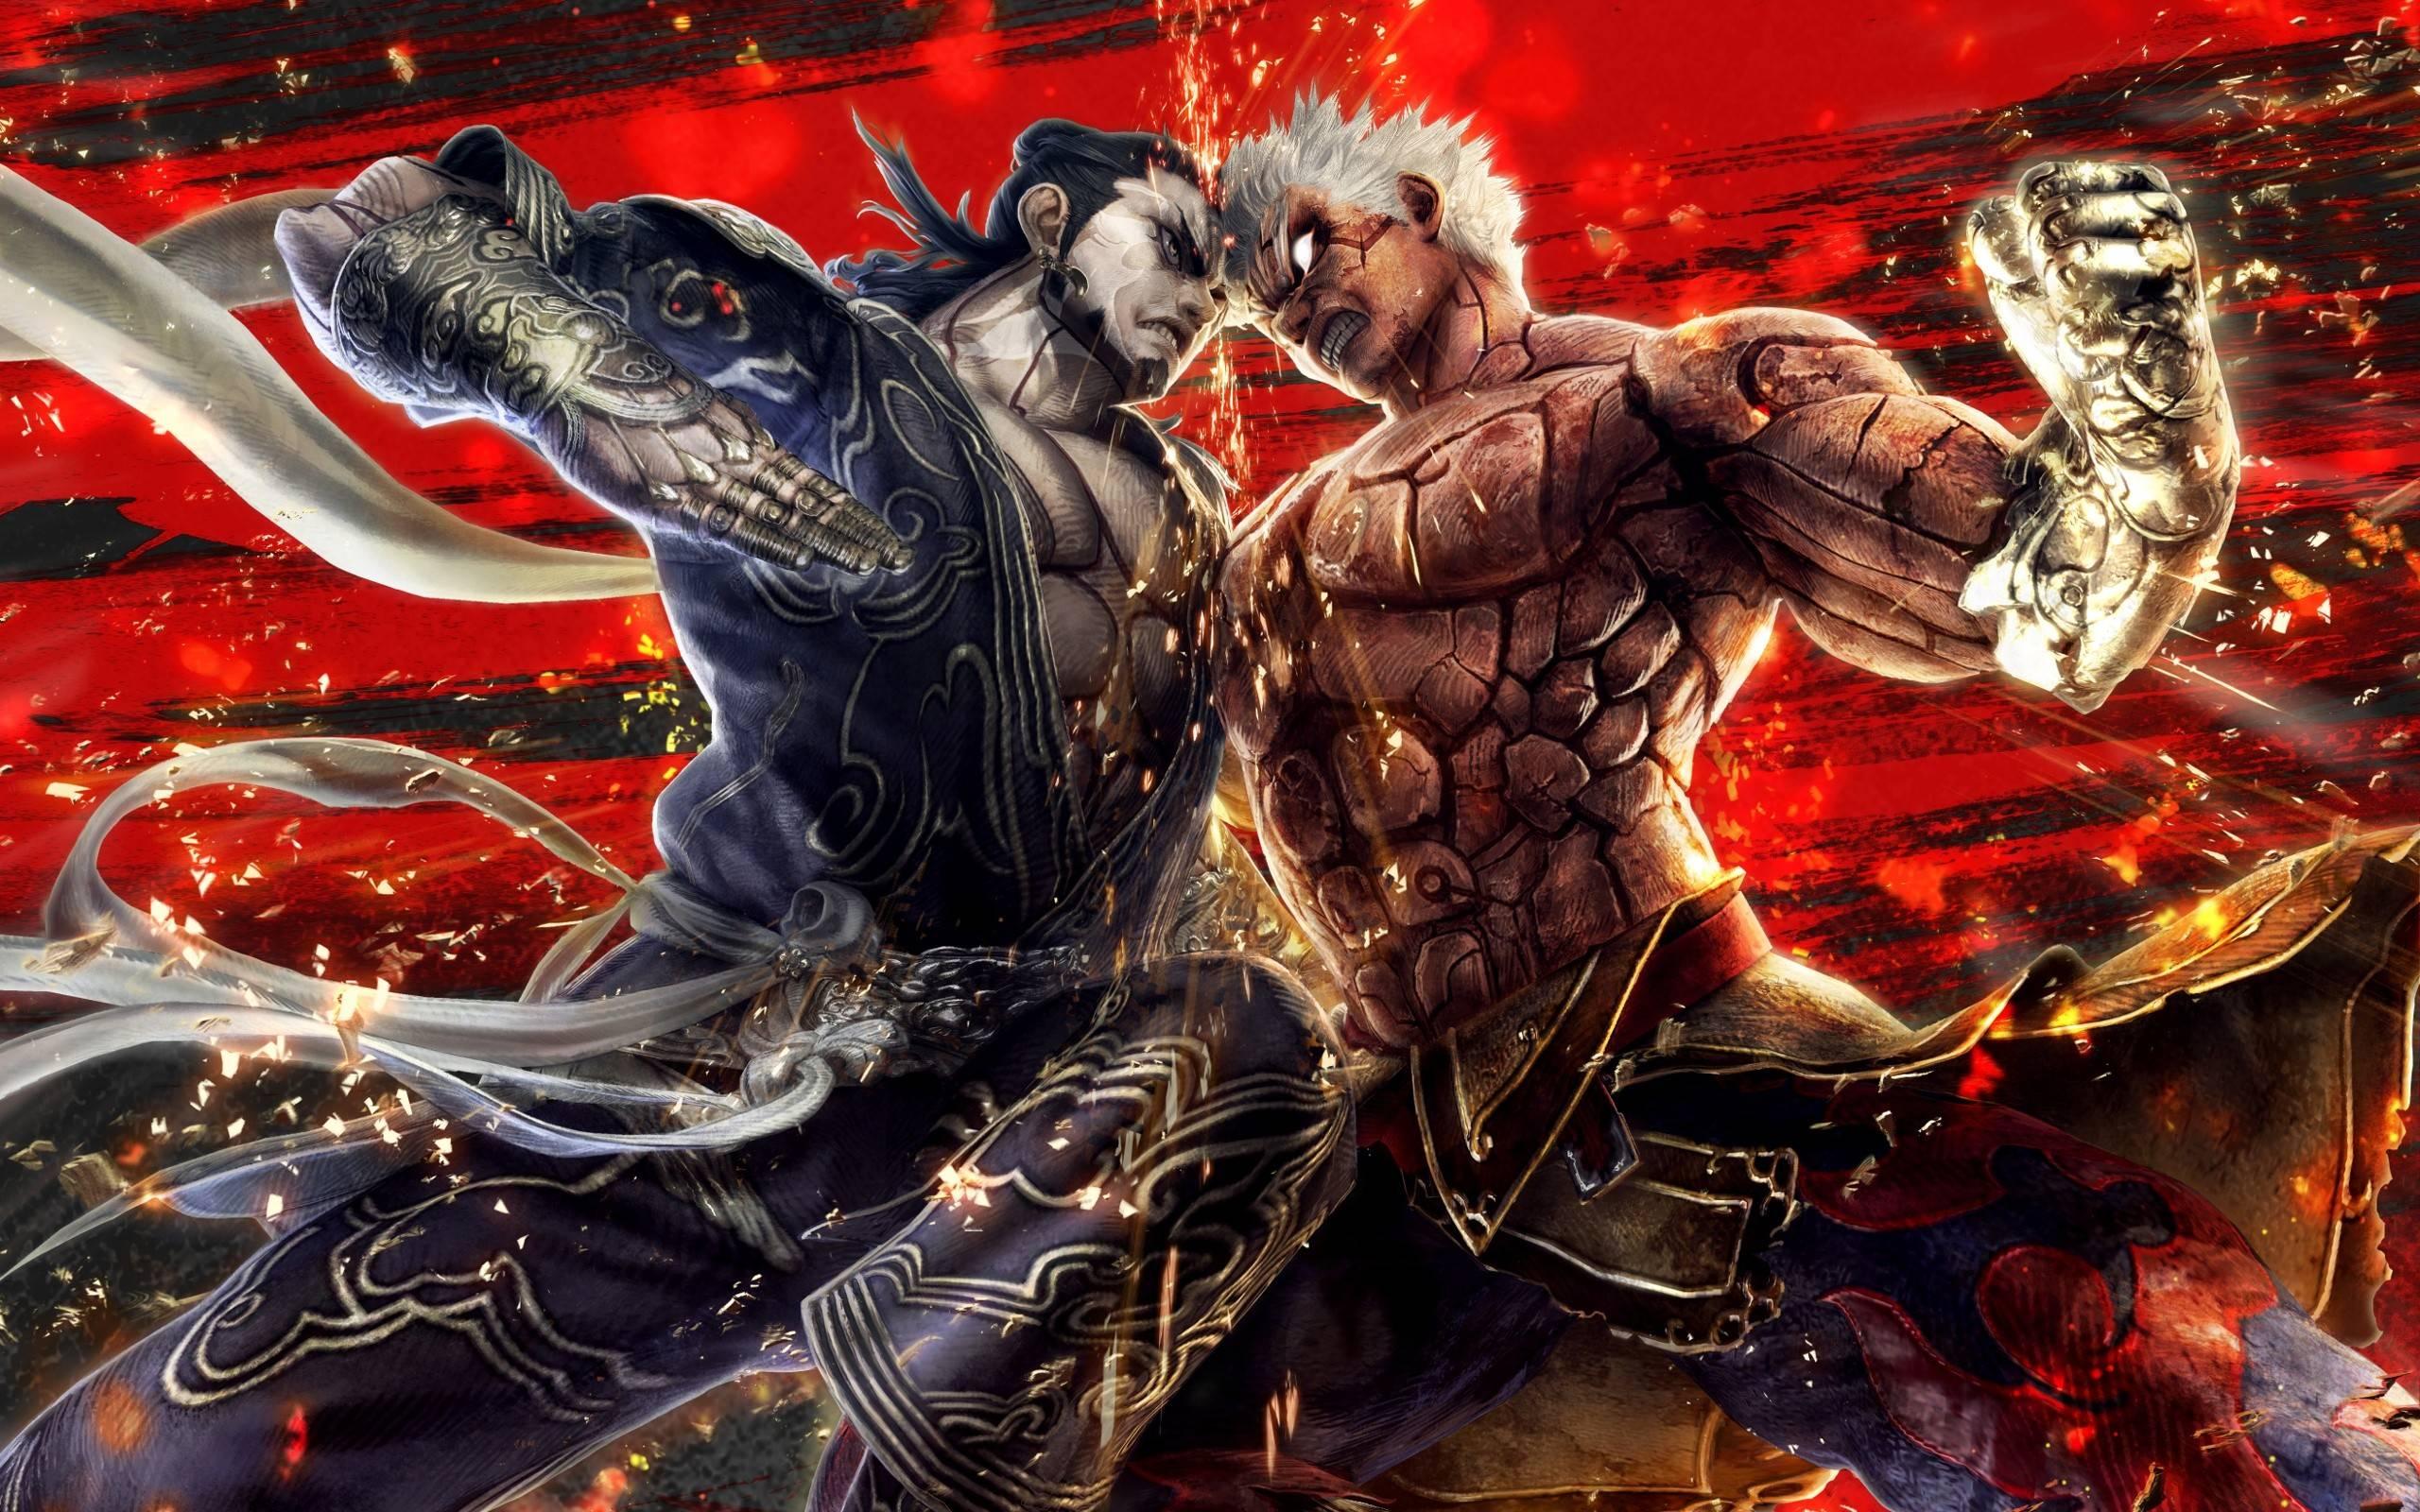 Tekken Robots Wallpapers Myspace Backgrounds Free Download Games ...